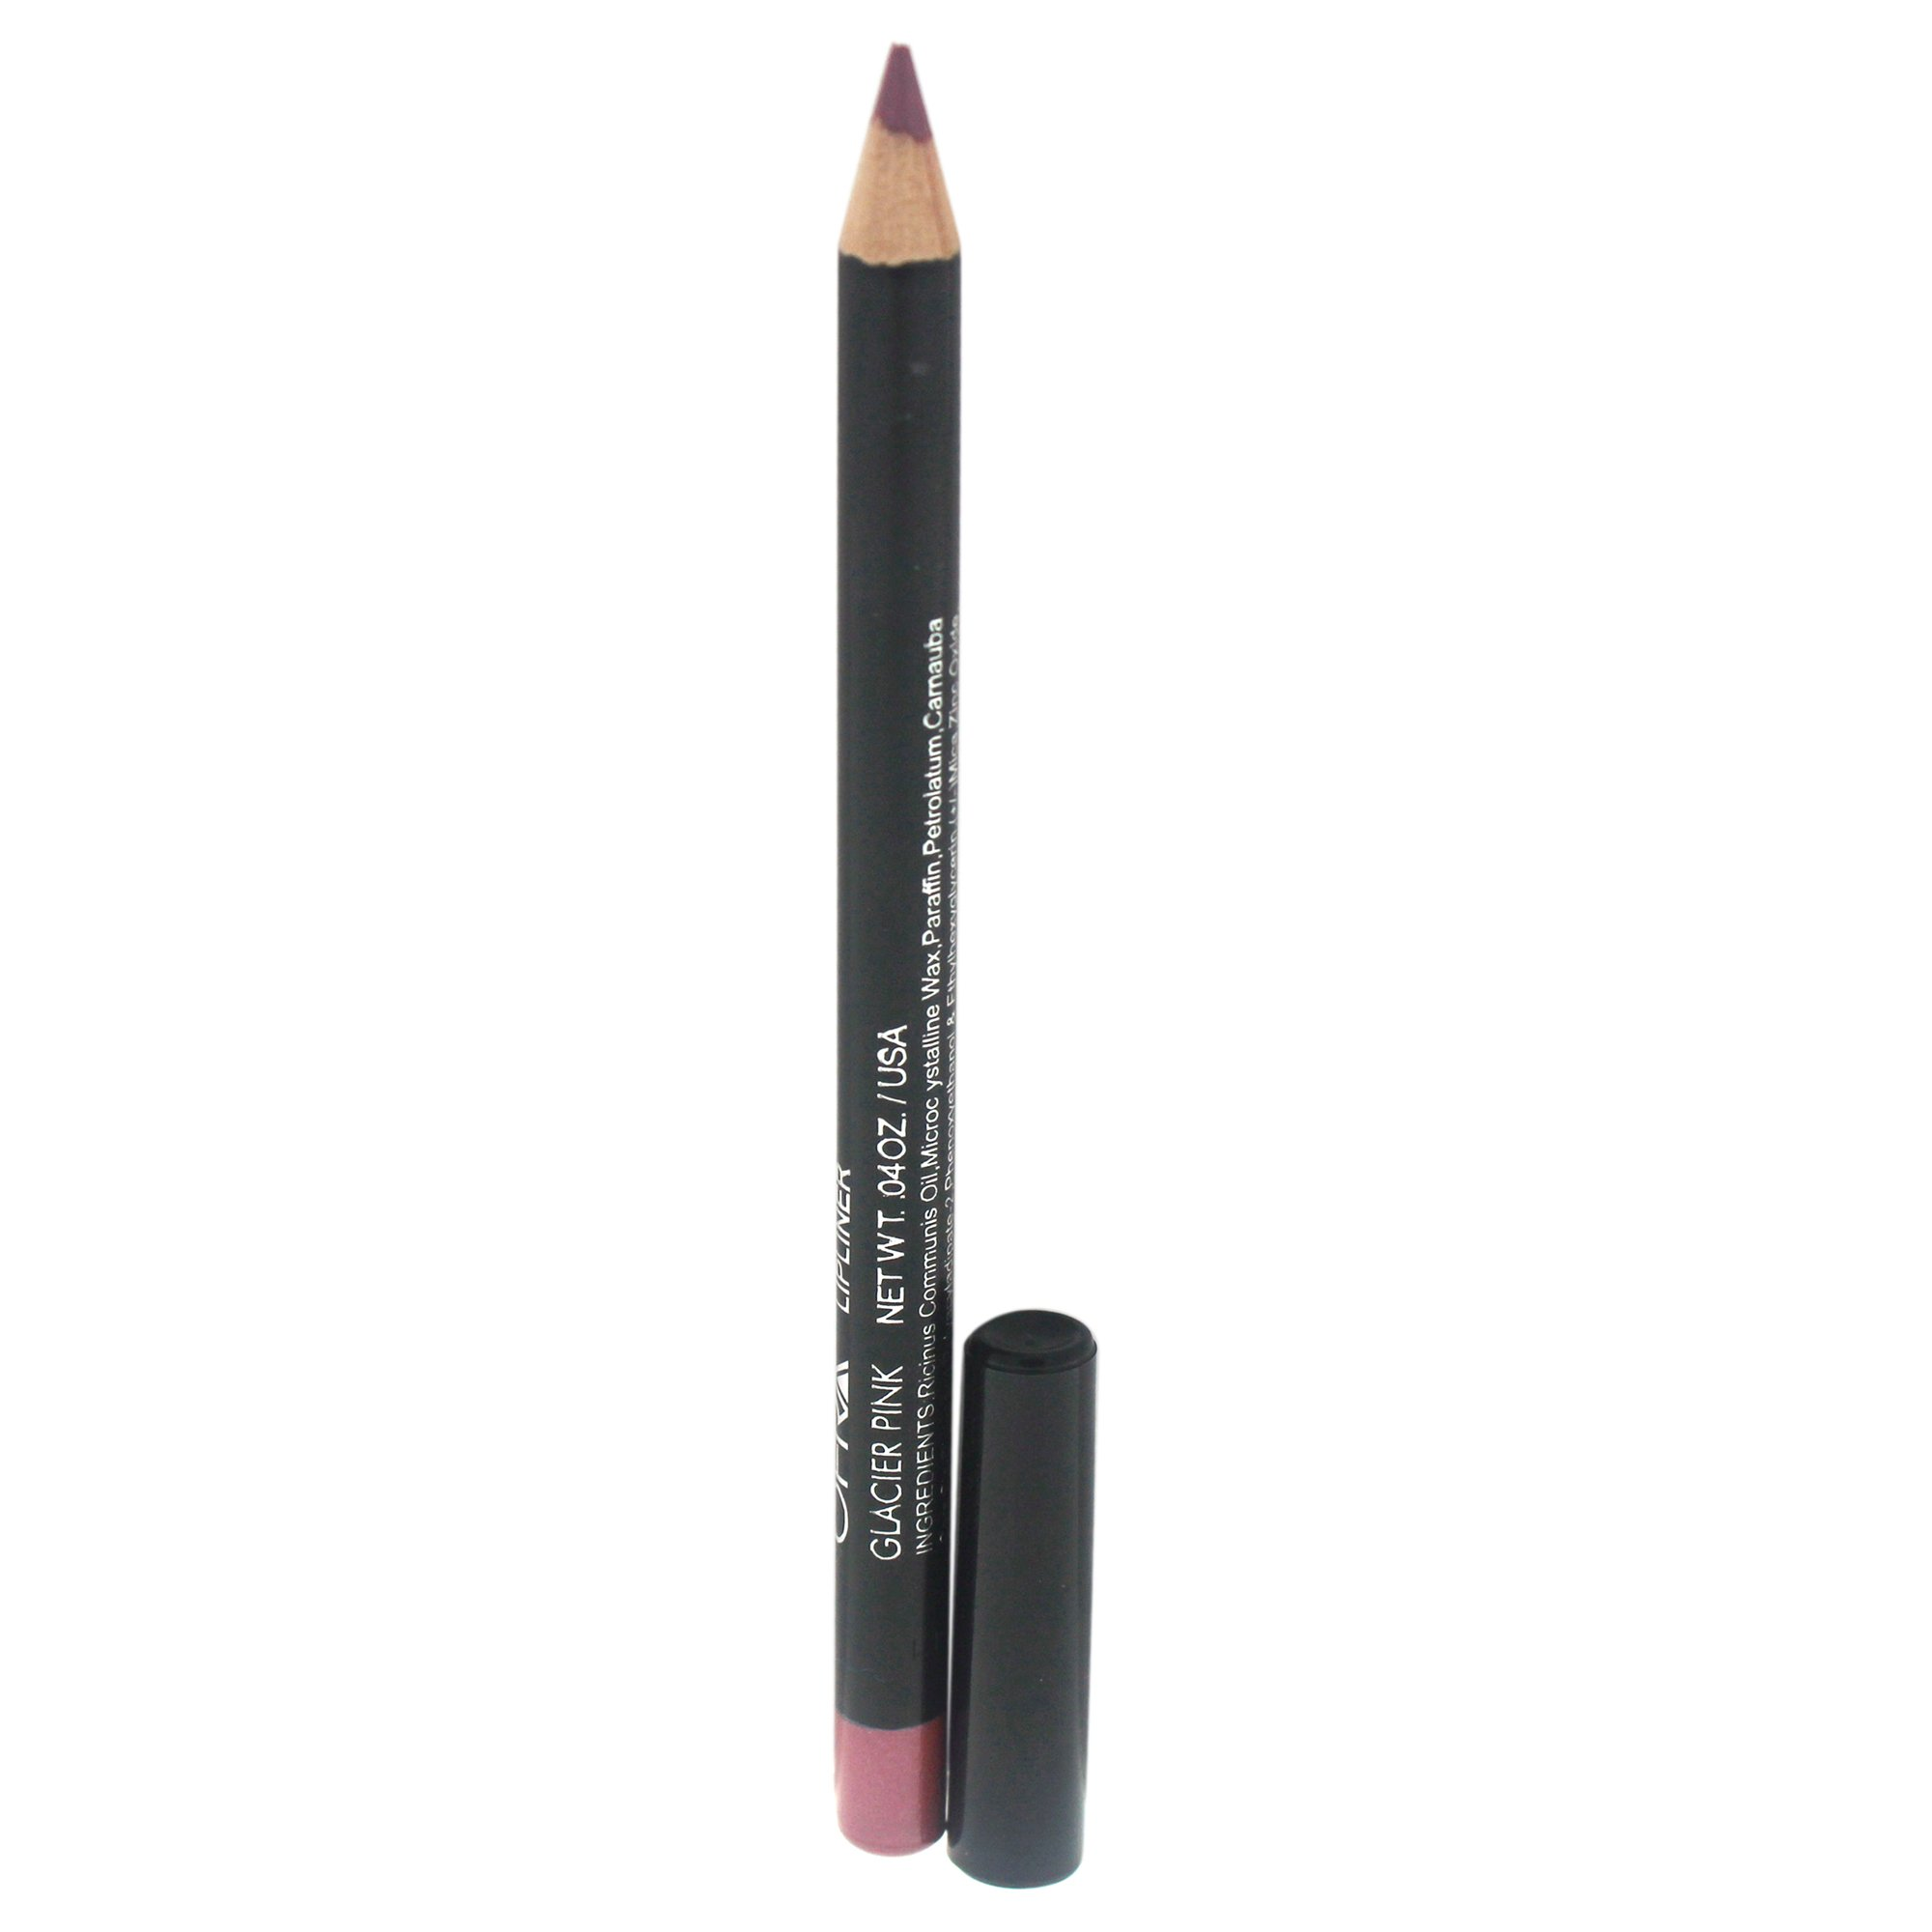 Ofra Glacier Pink Lip Liner for Women, 0.04 Ounce